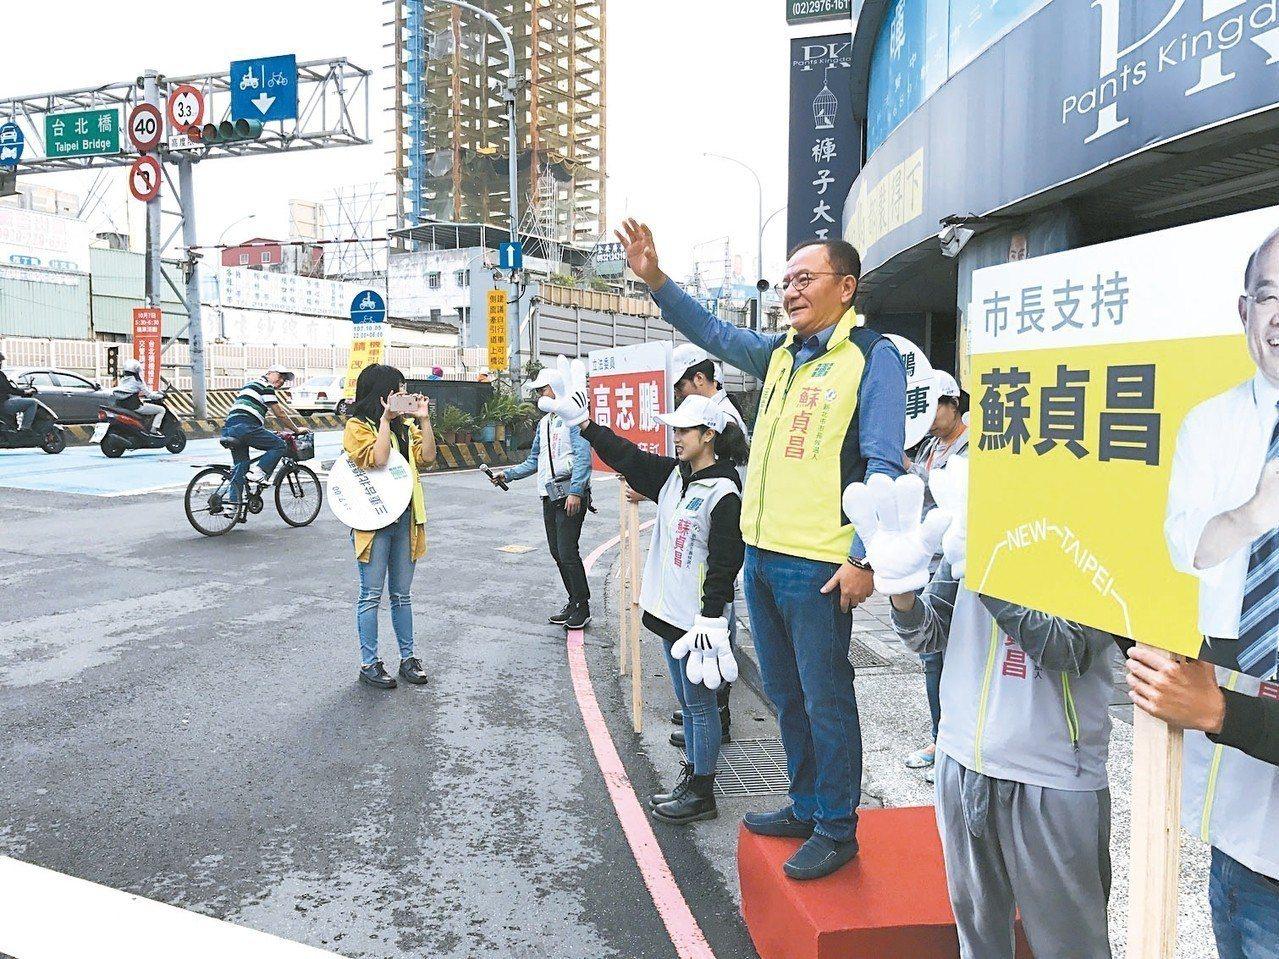 立委高志鵬在三重台北橋頭為蘇貞昌衝票。 記者陳珮琦/攝影